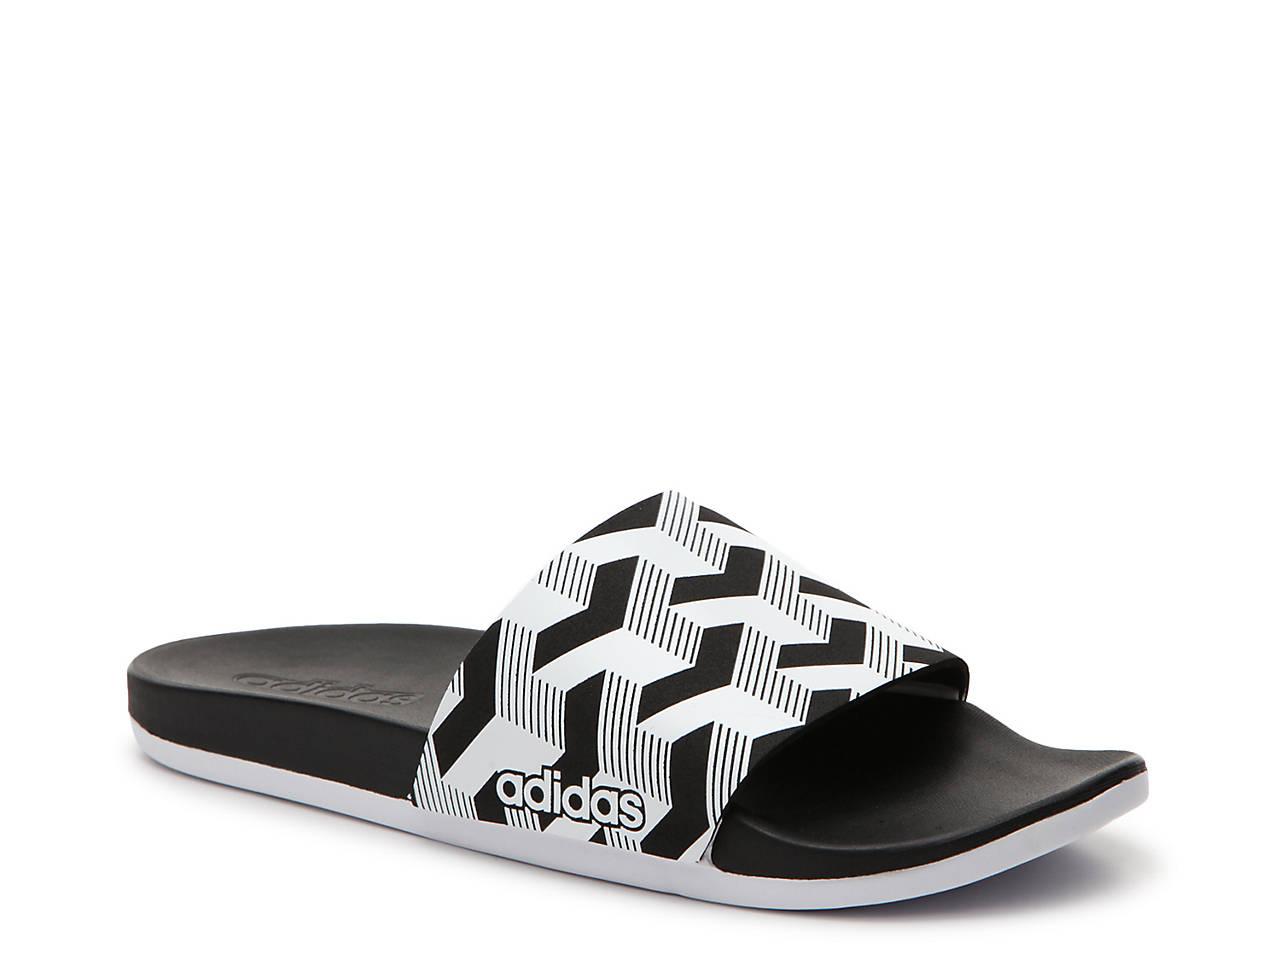 9d6480c6952 adidas Adilette Cloudfoam Link Slide Sandal - Men s Men s Shoes